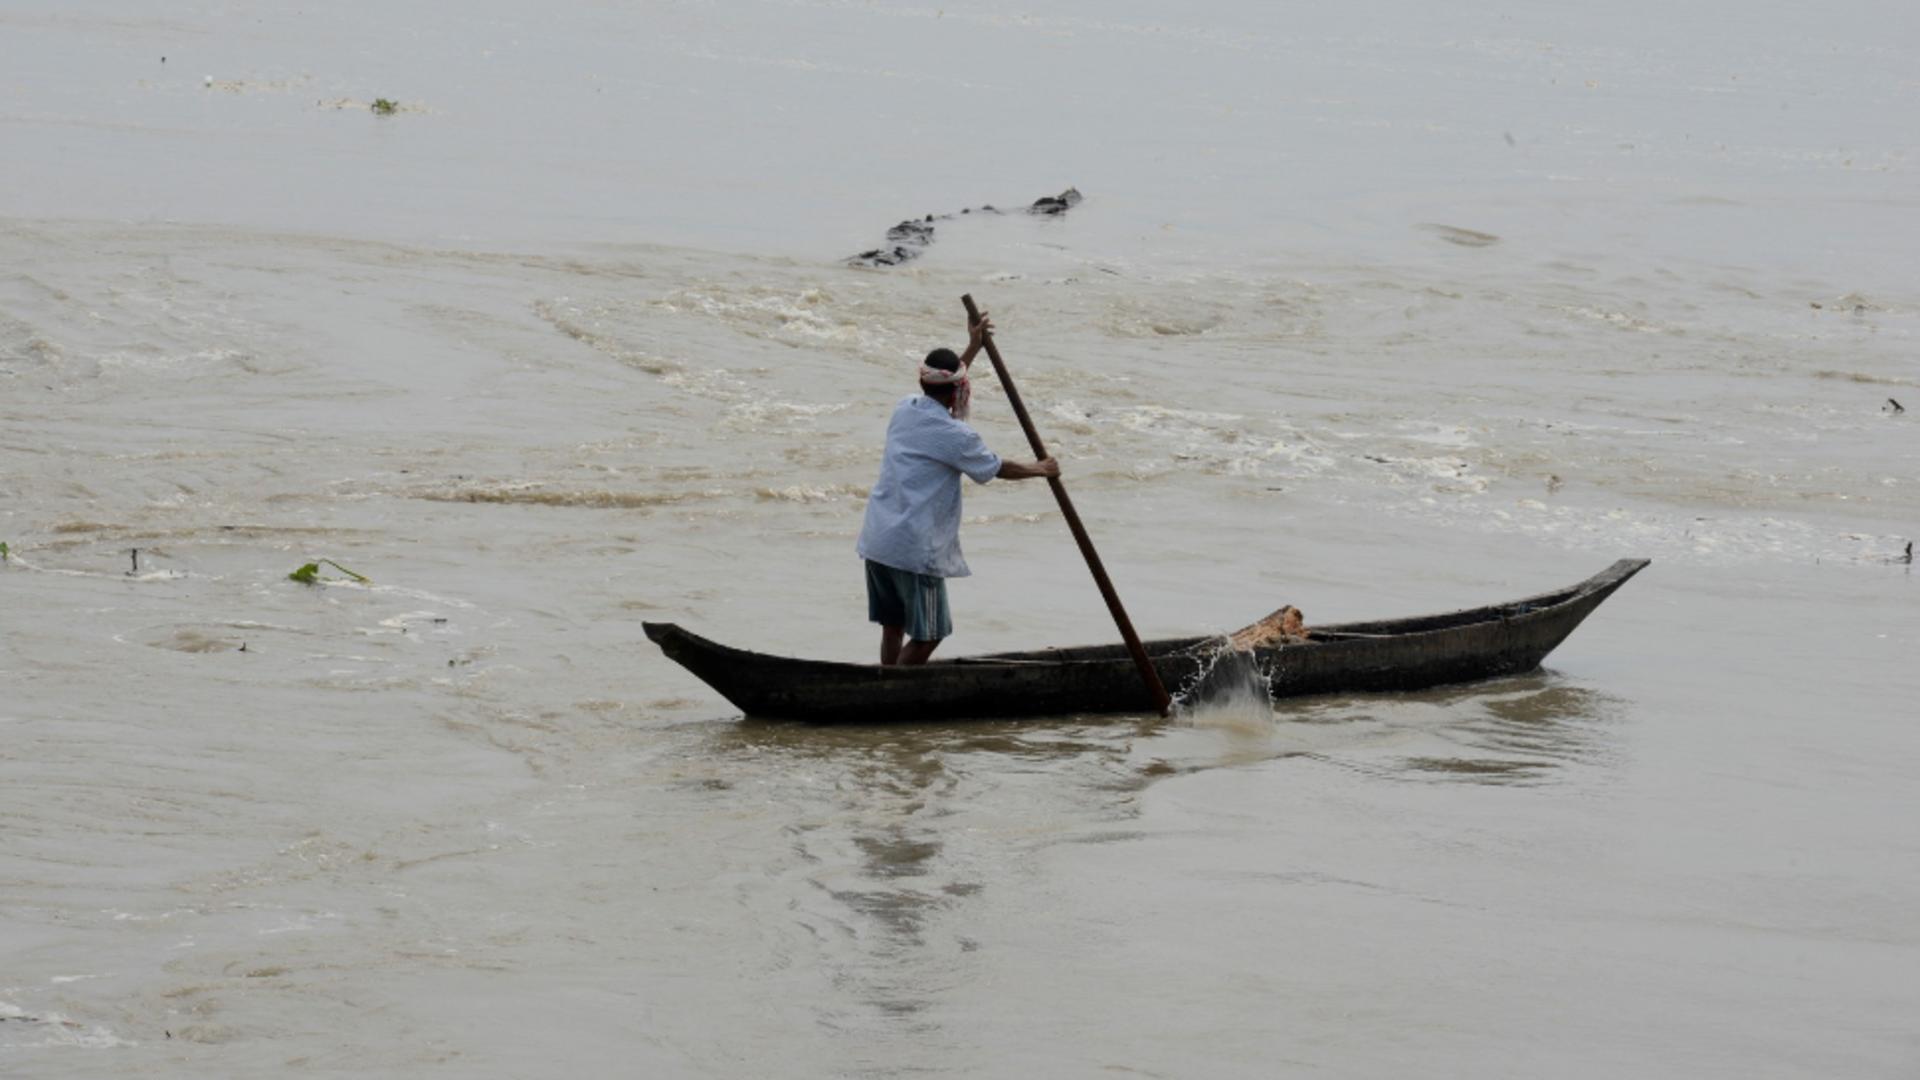 Plânsetul disperat al fetiței a fost auzit de un pescar din zonă / Foto: Profi Media